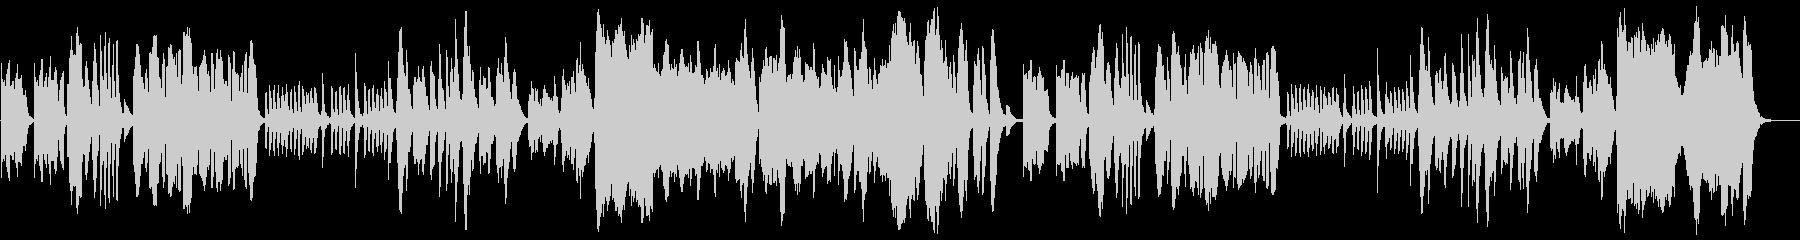 コミカルでほのぼのとした管弦楽の未再生の波形